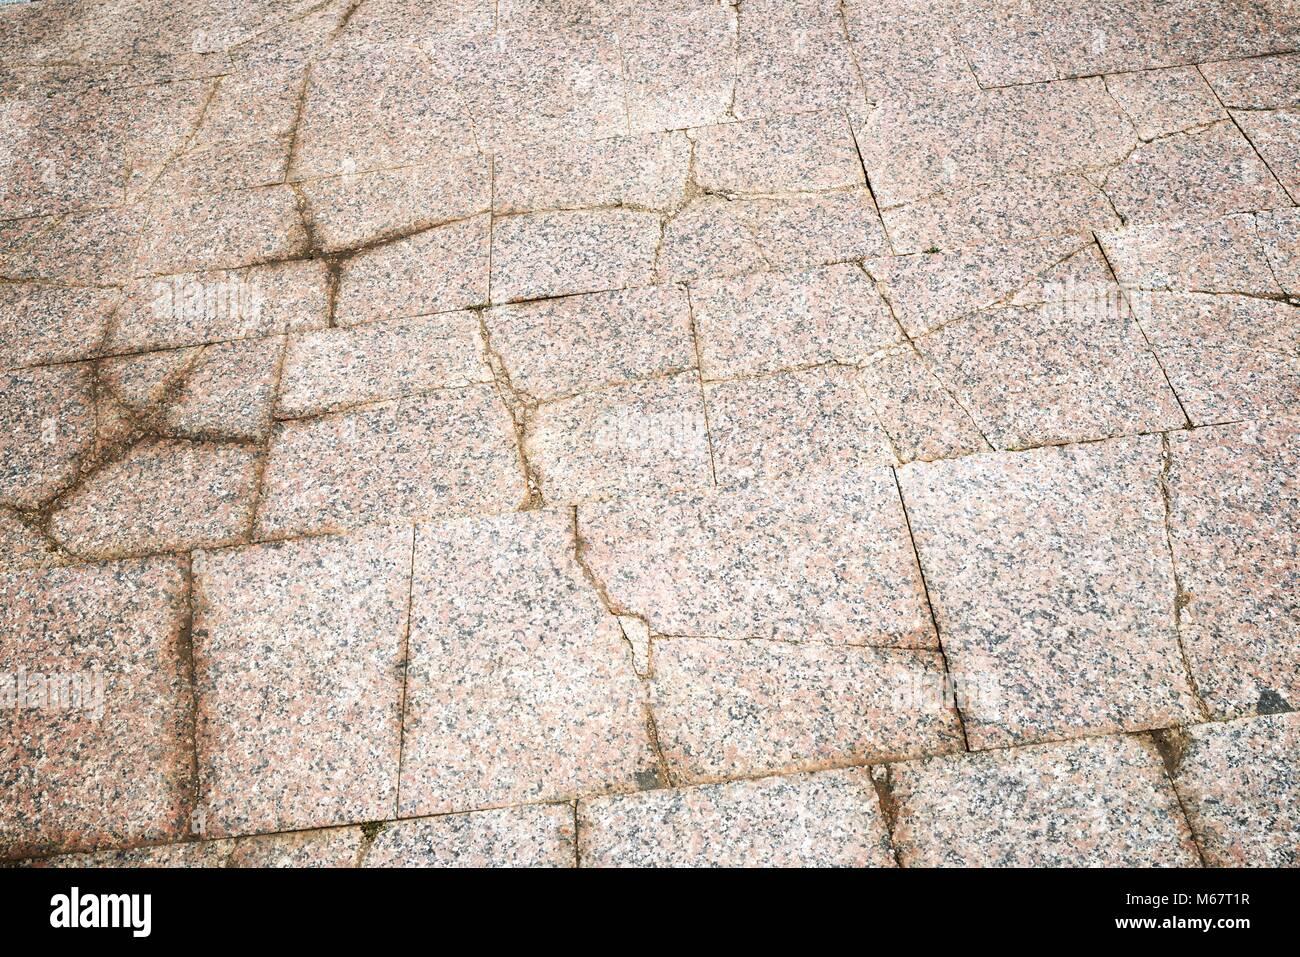 Boden Einer Straße Mit Steinfliesen Stockfoto Bild Alamy - Steinfliesen für den boden